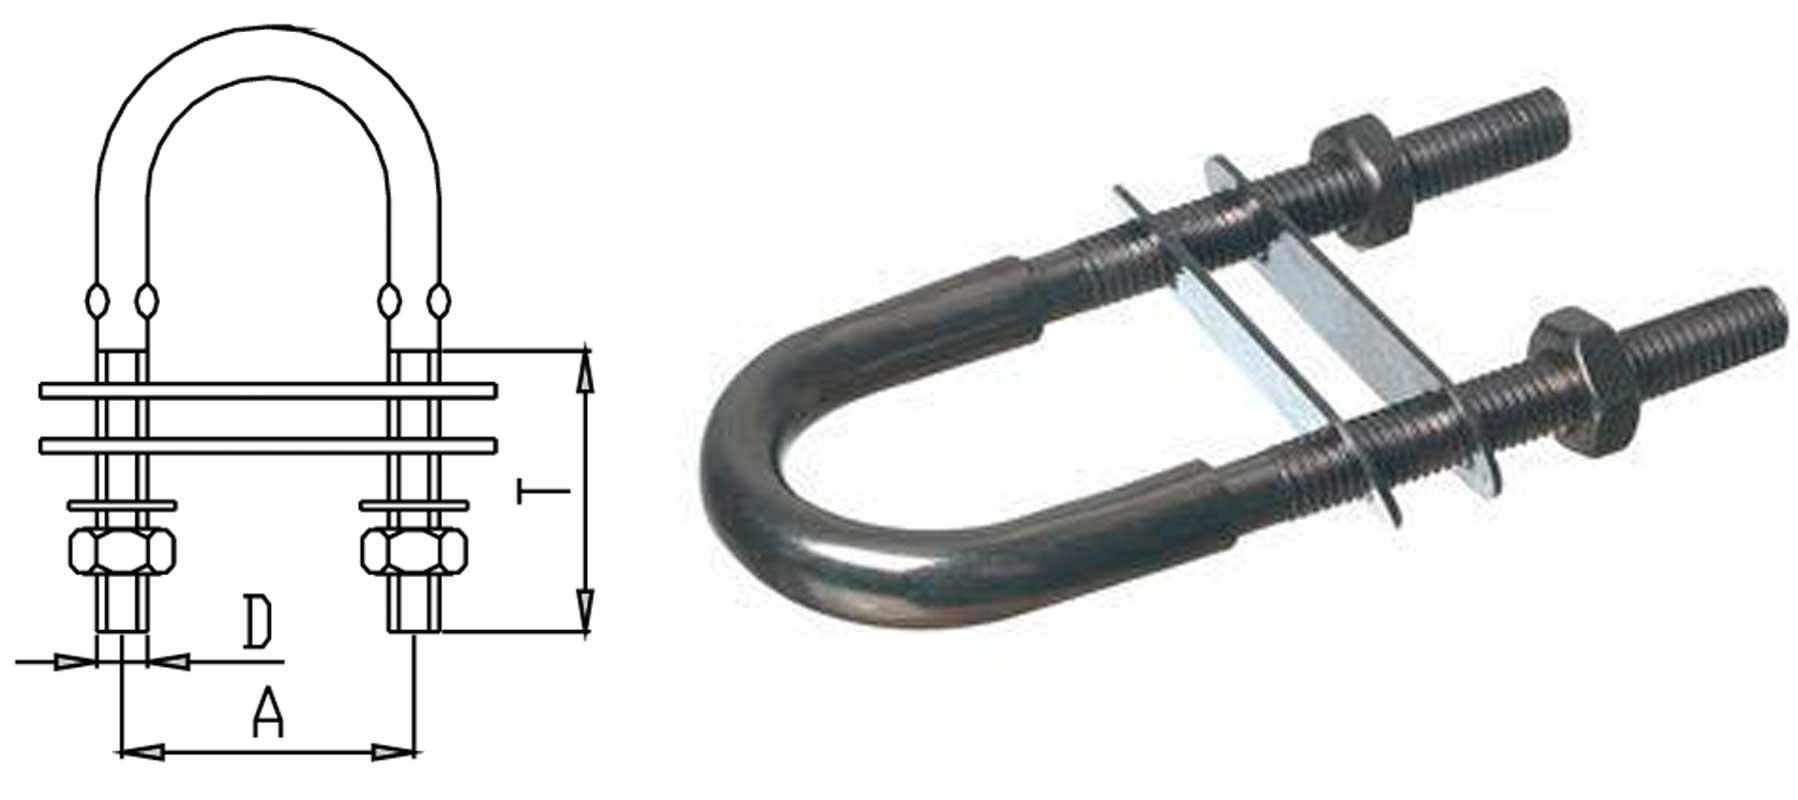 U bøjle gods 8mm, gevind 6mm afstand 35mm